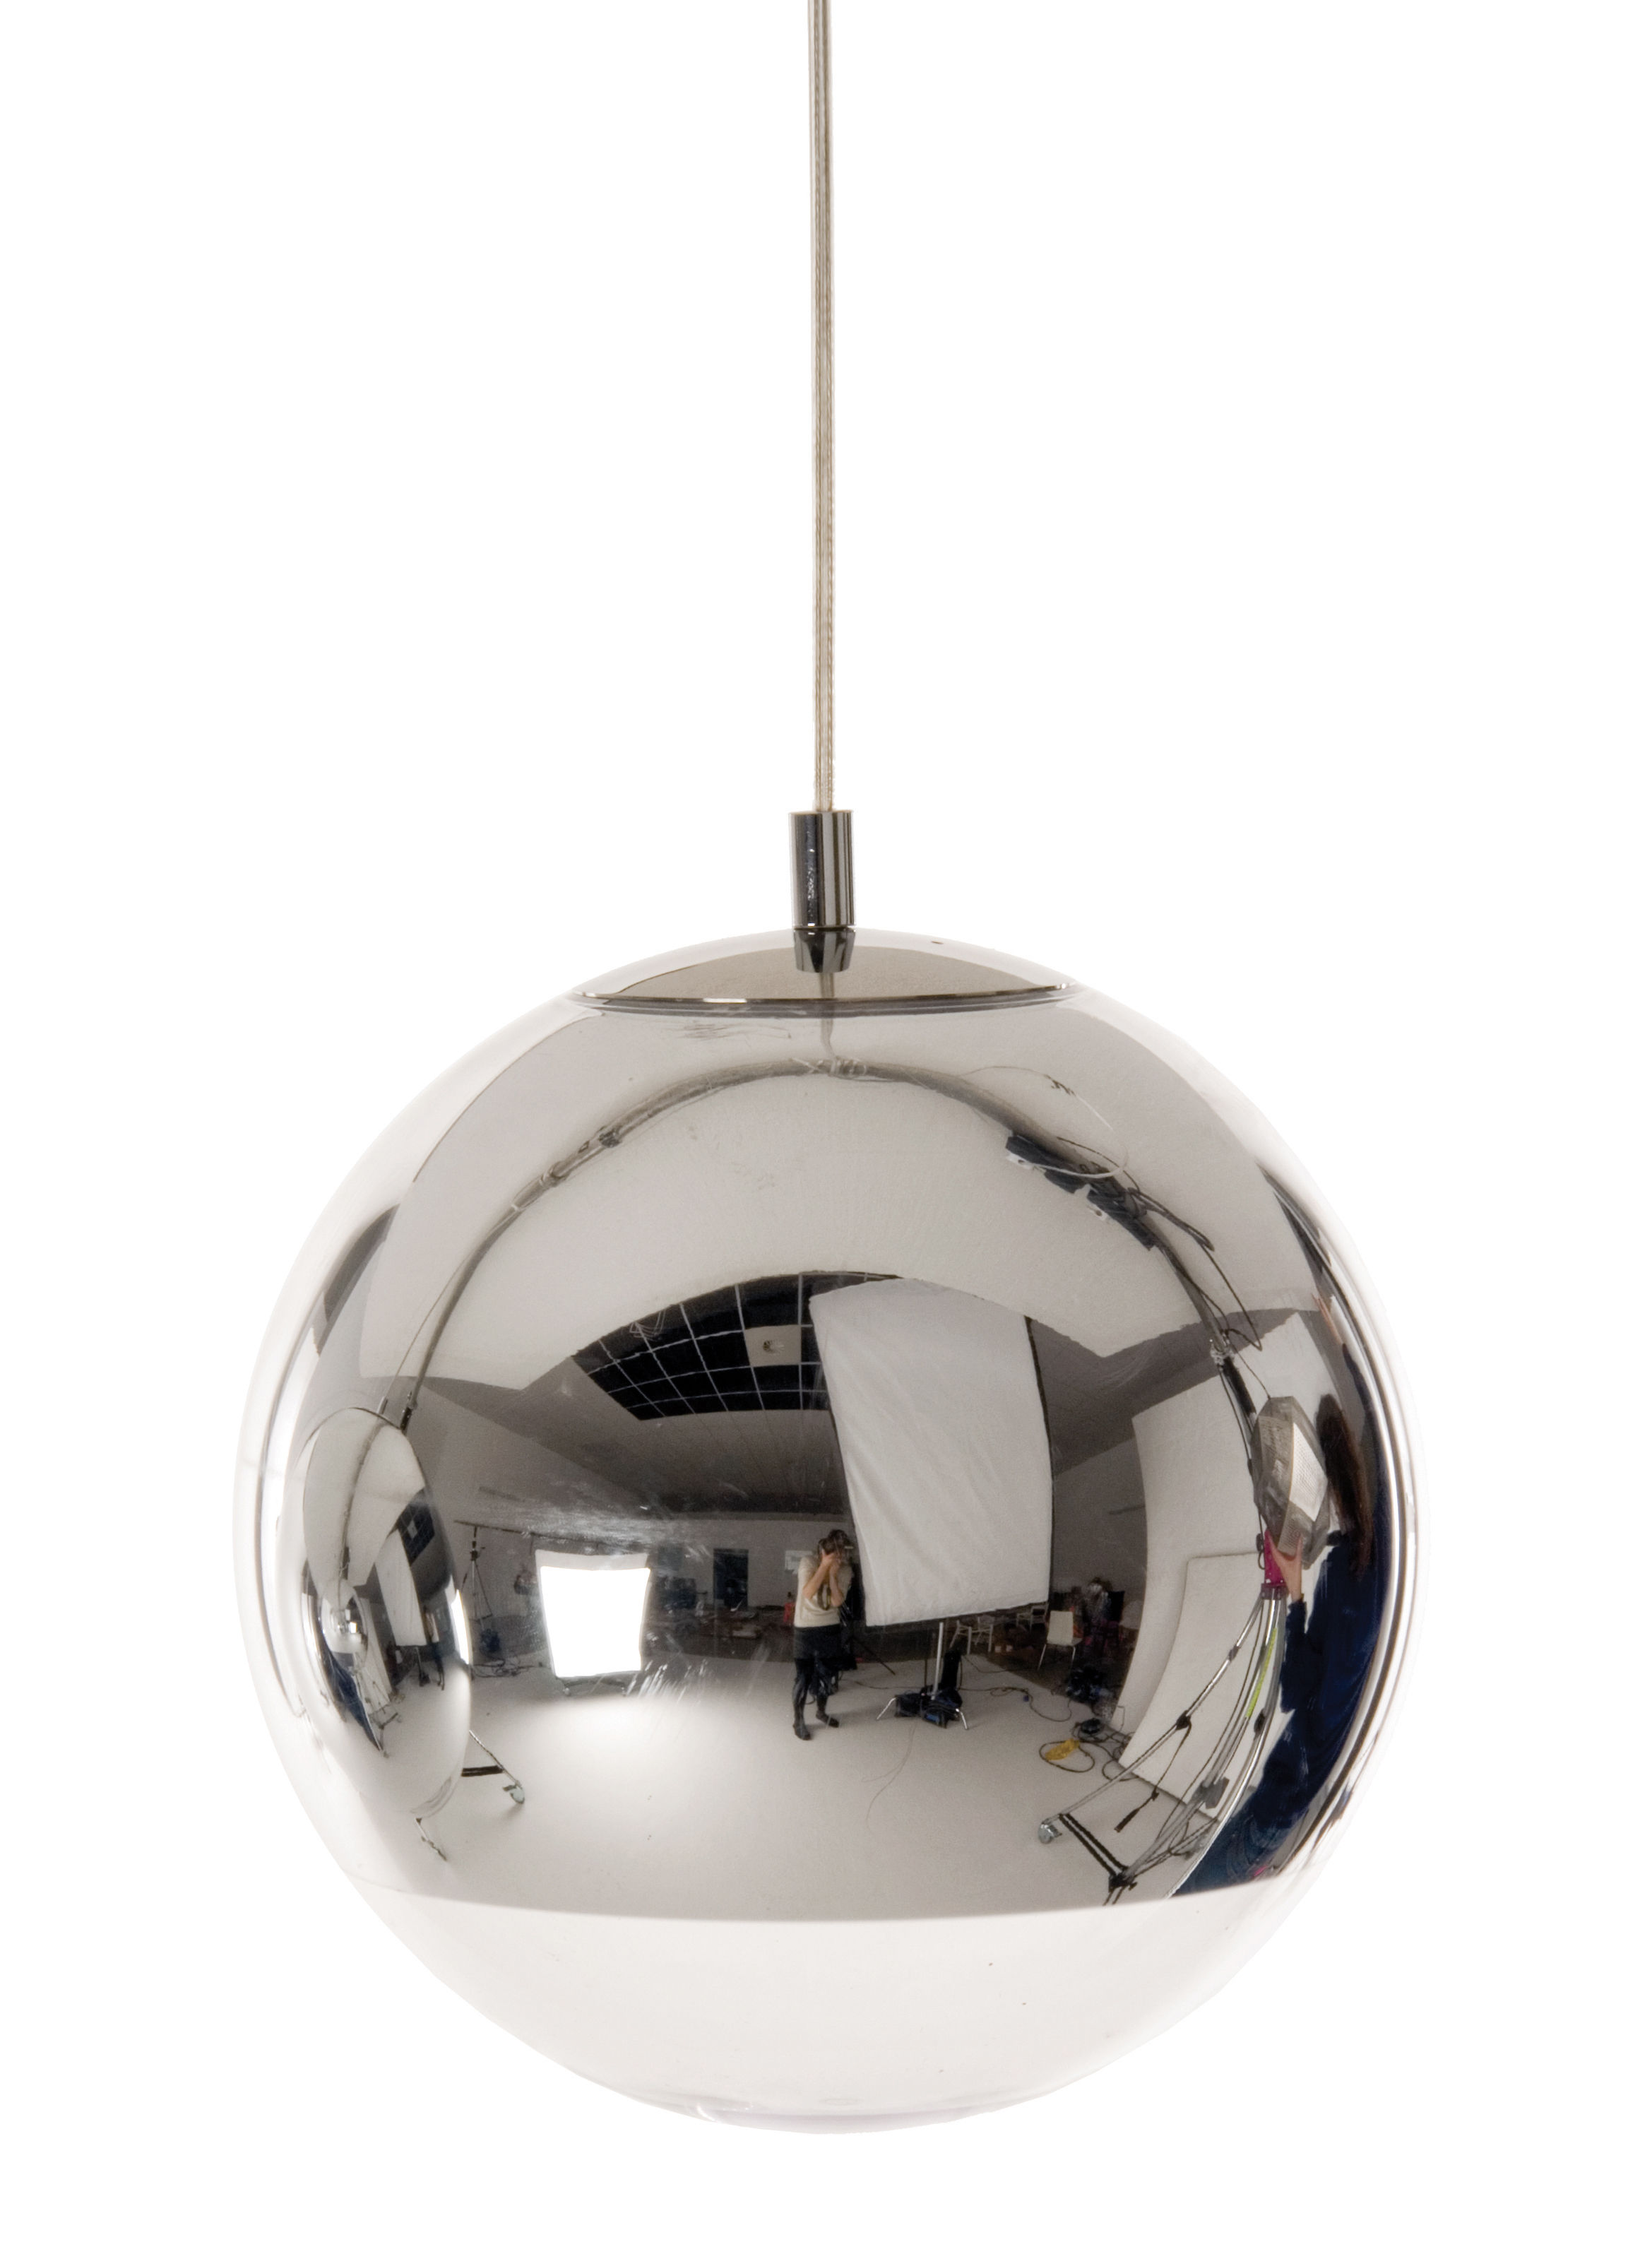 Illuminazione - Lampadari - Sospensione Mini ball di Tom Dixon - Sospensione Ø 25 cm - Metacrilato